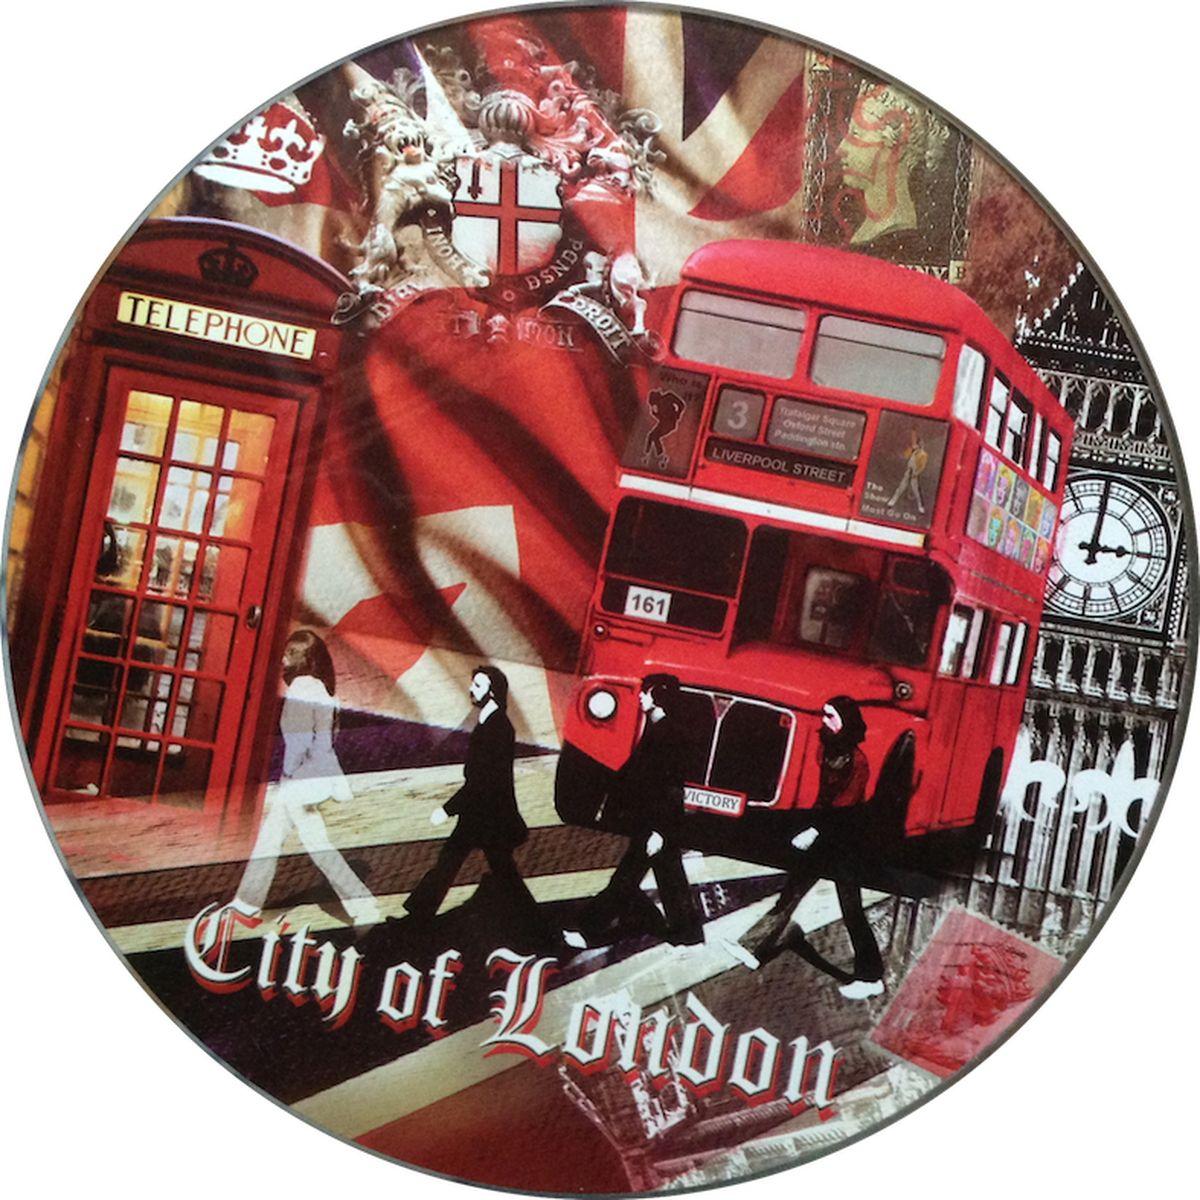 Доска разделочная GiftnHome Лондонские фантазии, стеклянная, диаметр 19 смRCB-LondonРазделочная доска GiftnHome Лондонские фантазии выполнена из жароустойчивого стекла. Изделие, украшенное красочным изображением достопримечательностей Лондона, идеально впишется в интерьер современной кухни. Специальное покрытие вкладыша обеспечивает стойкость к влаге и высоким температурам. Изделие легко чистить от пятен и жира. Также доску можно применять как подставку под горячее. Разделочная доска GiftnHome Лондонские фантазии украсит ваш стол и сбережет его от воздействия высоких температур ваших кулинарных шедевров. Можно мыть в посудомоечной машине. Диаметр доски: 19 см. Толщина доски: 0,4 см.